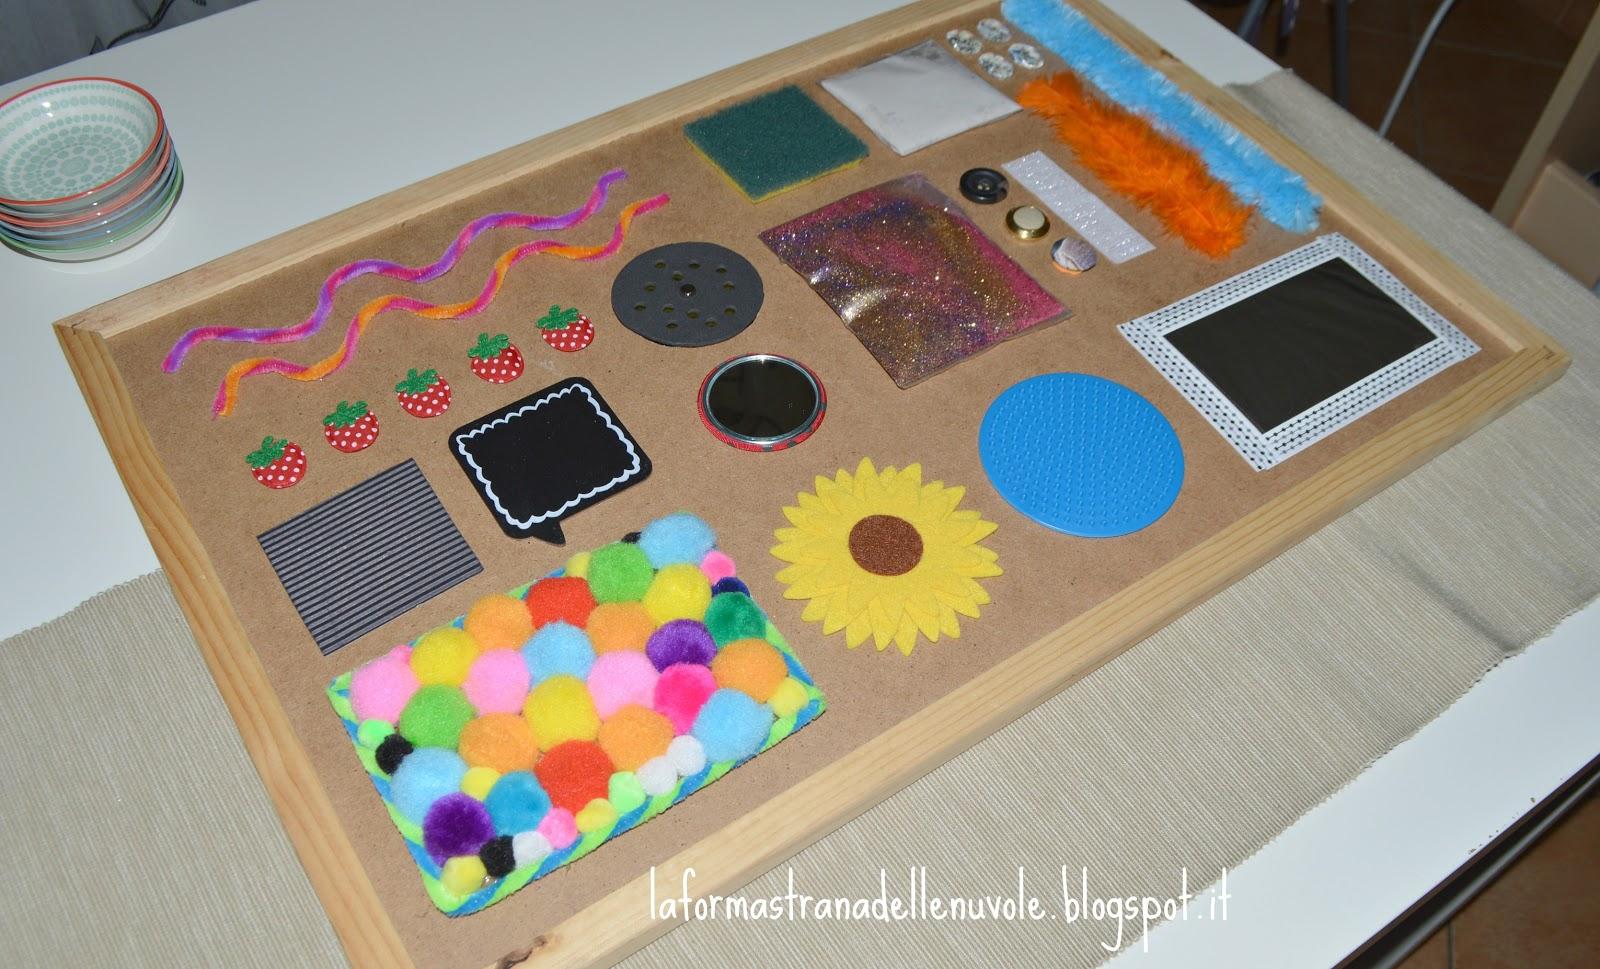 Giochi Montessori Ikea Design Interno Ed Esterno Azlit Net